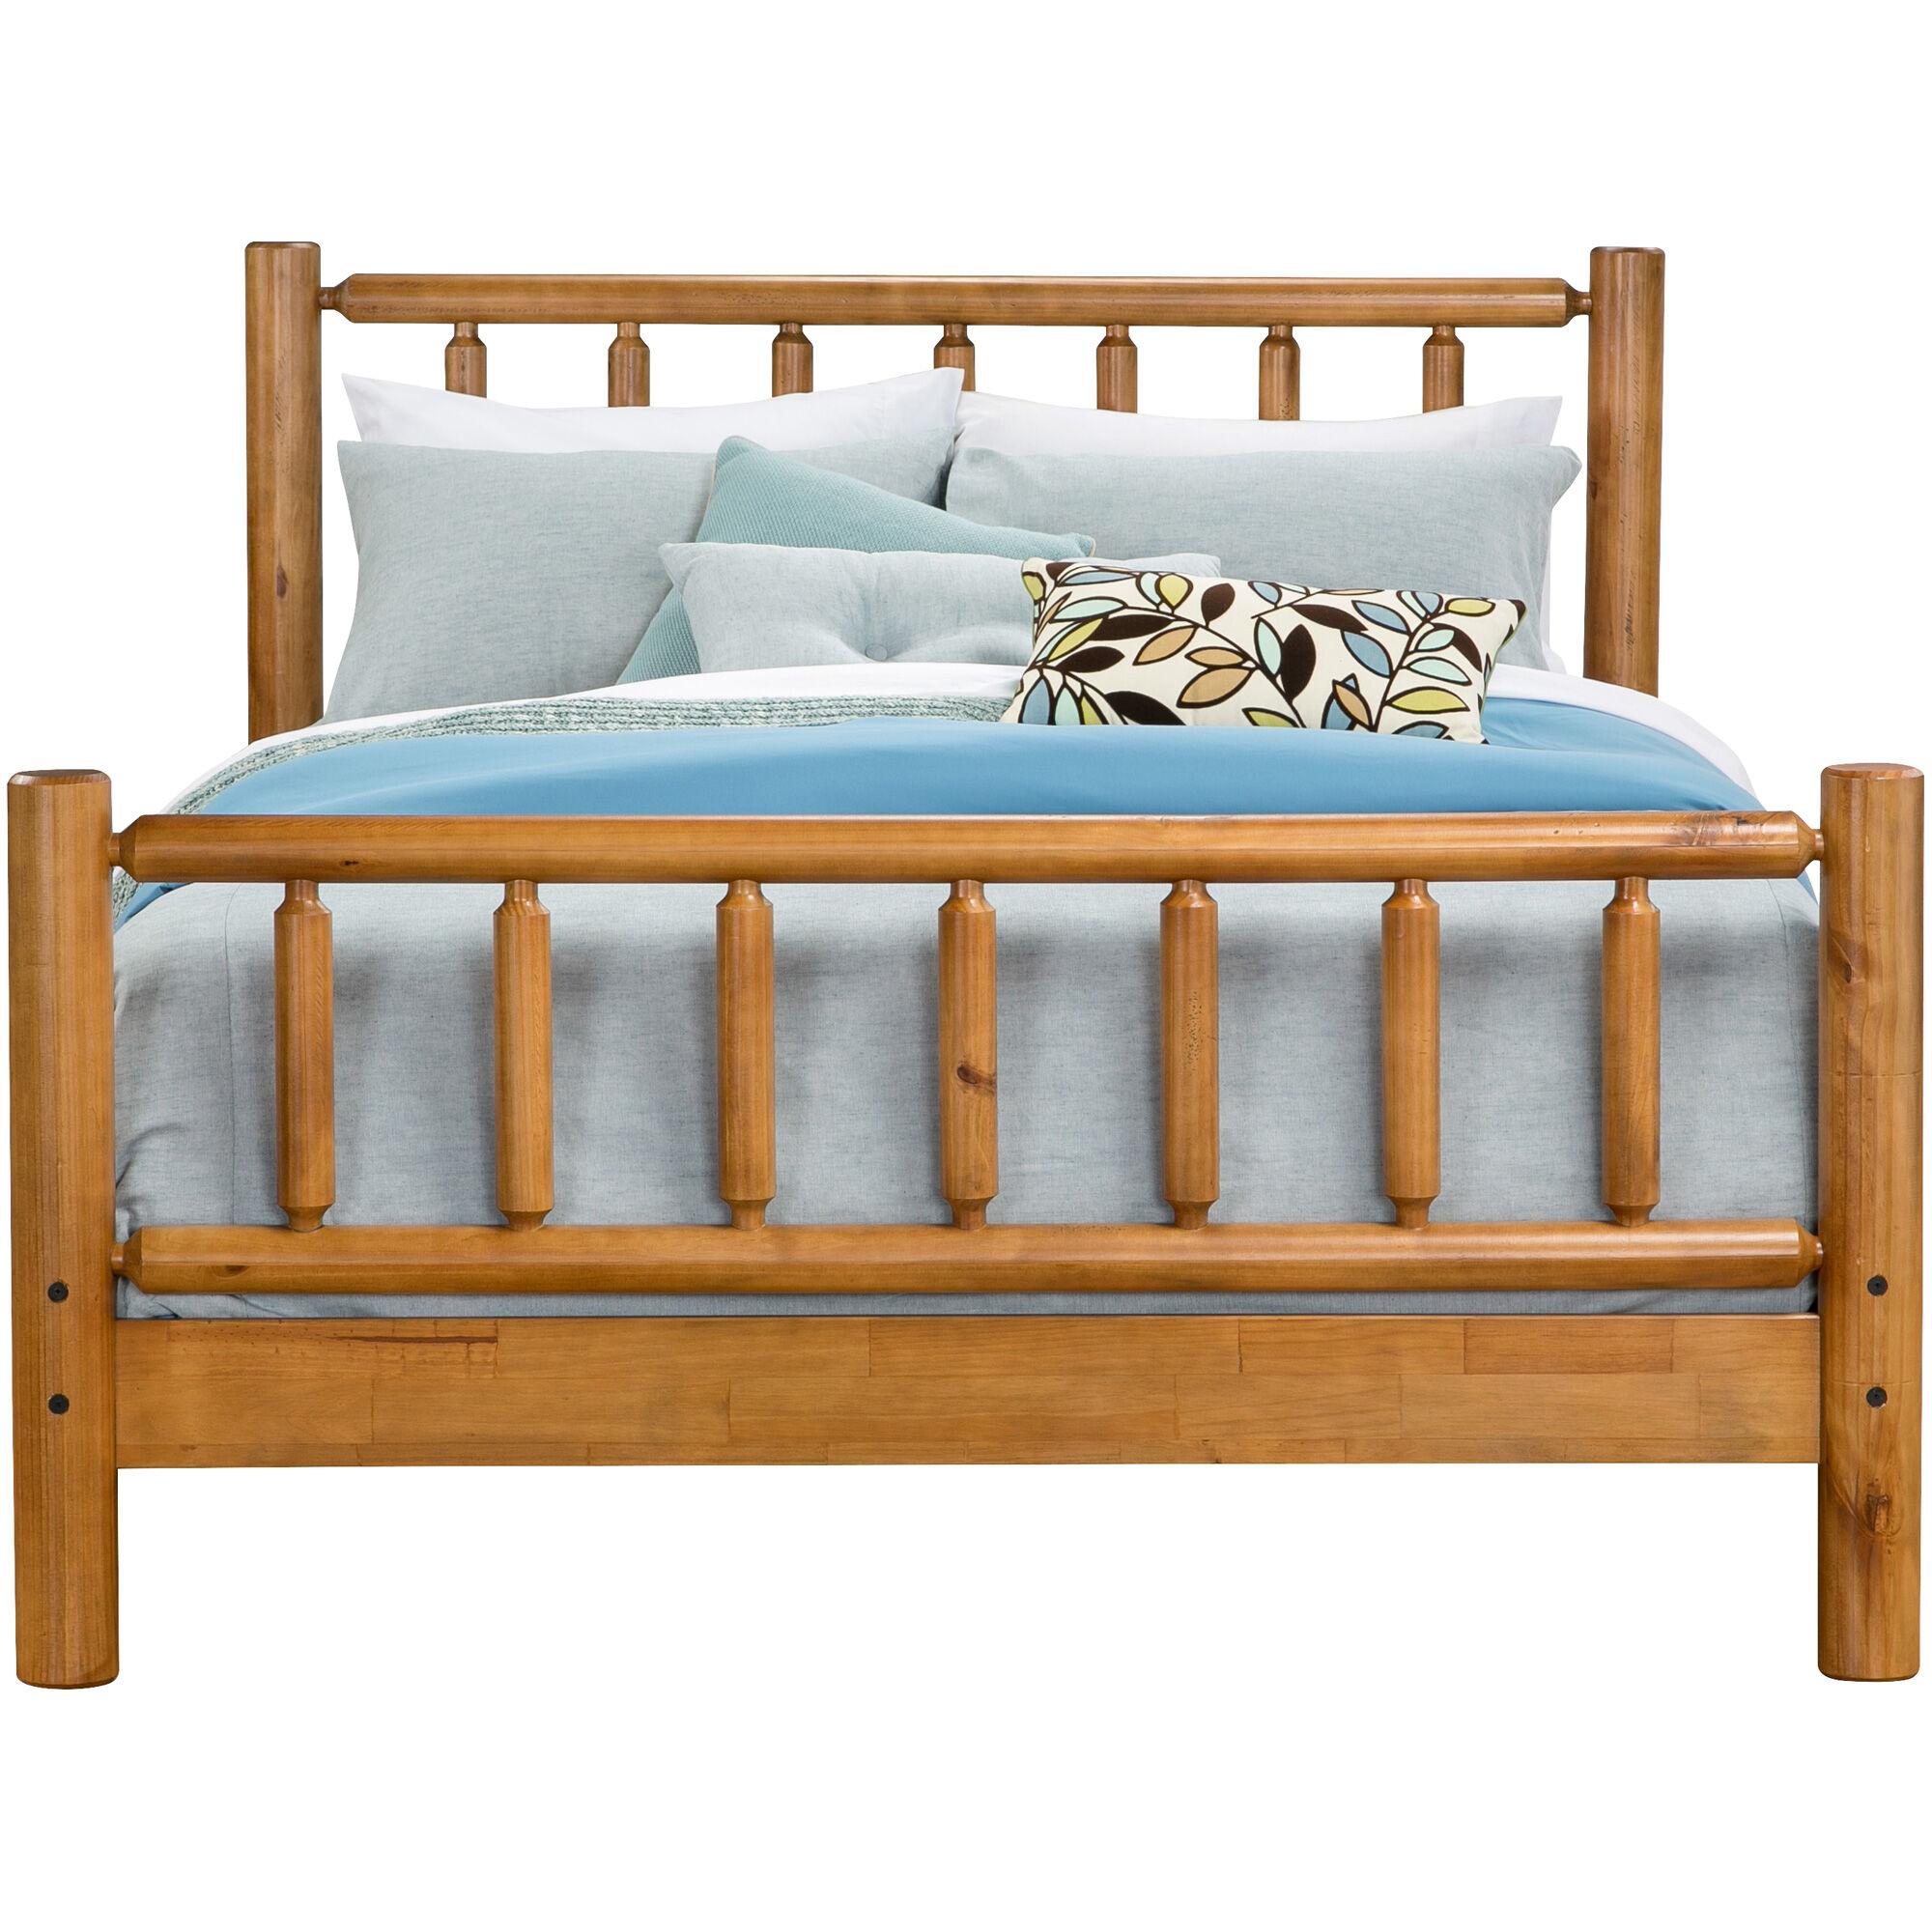 lifestyle w village furniture bed mattress beds divine play slumberland h zoom